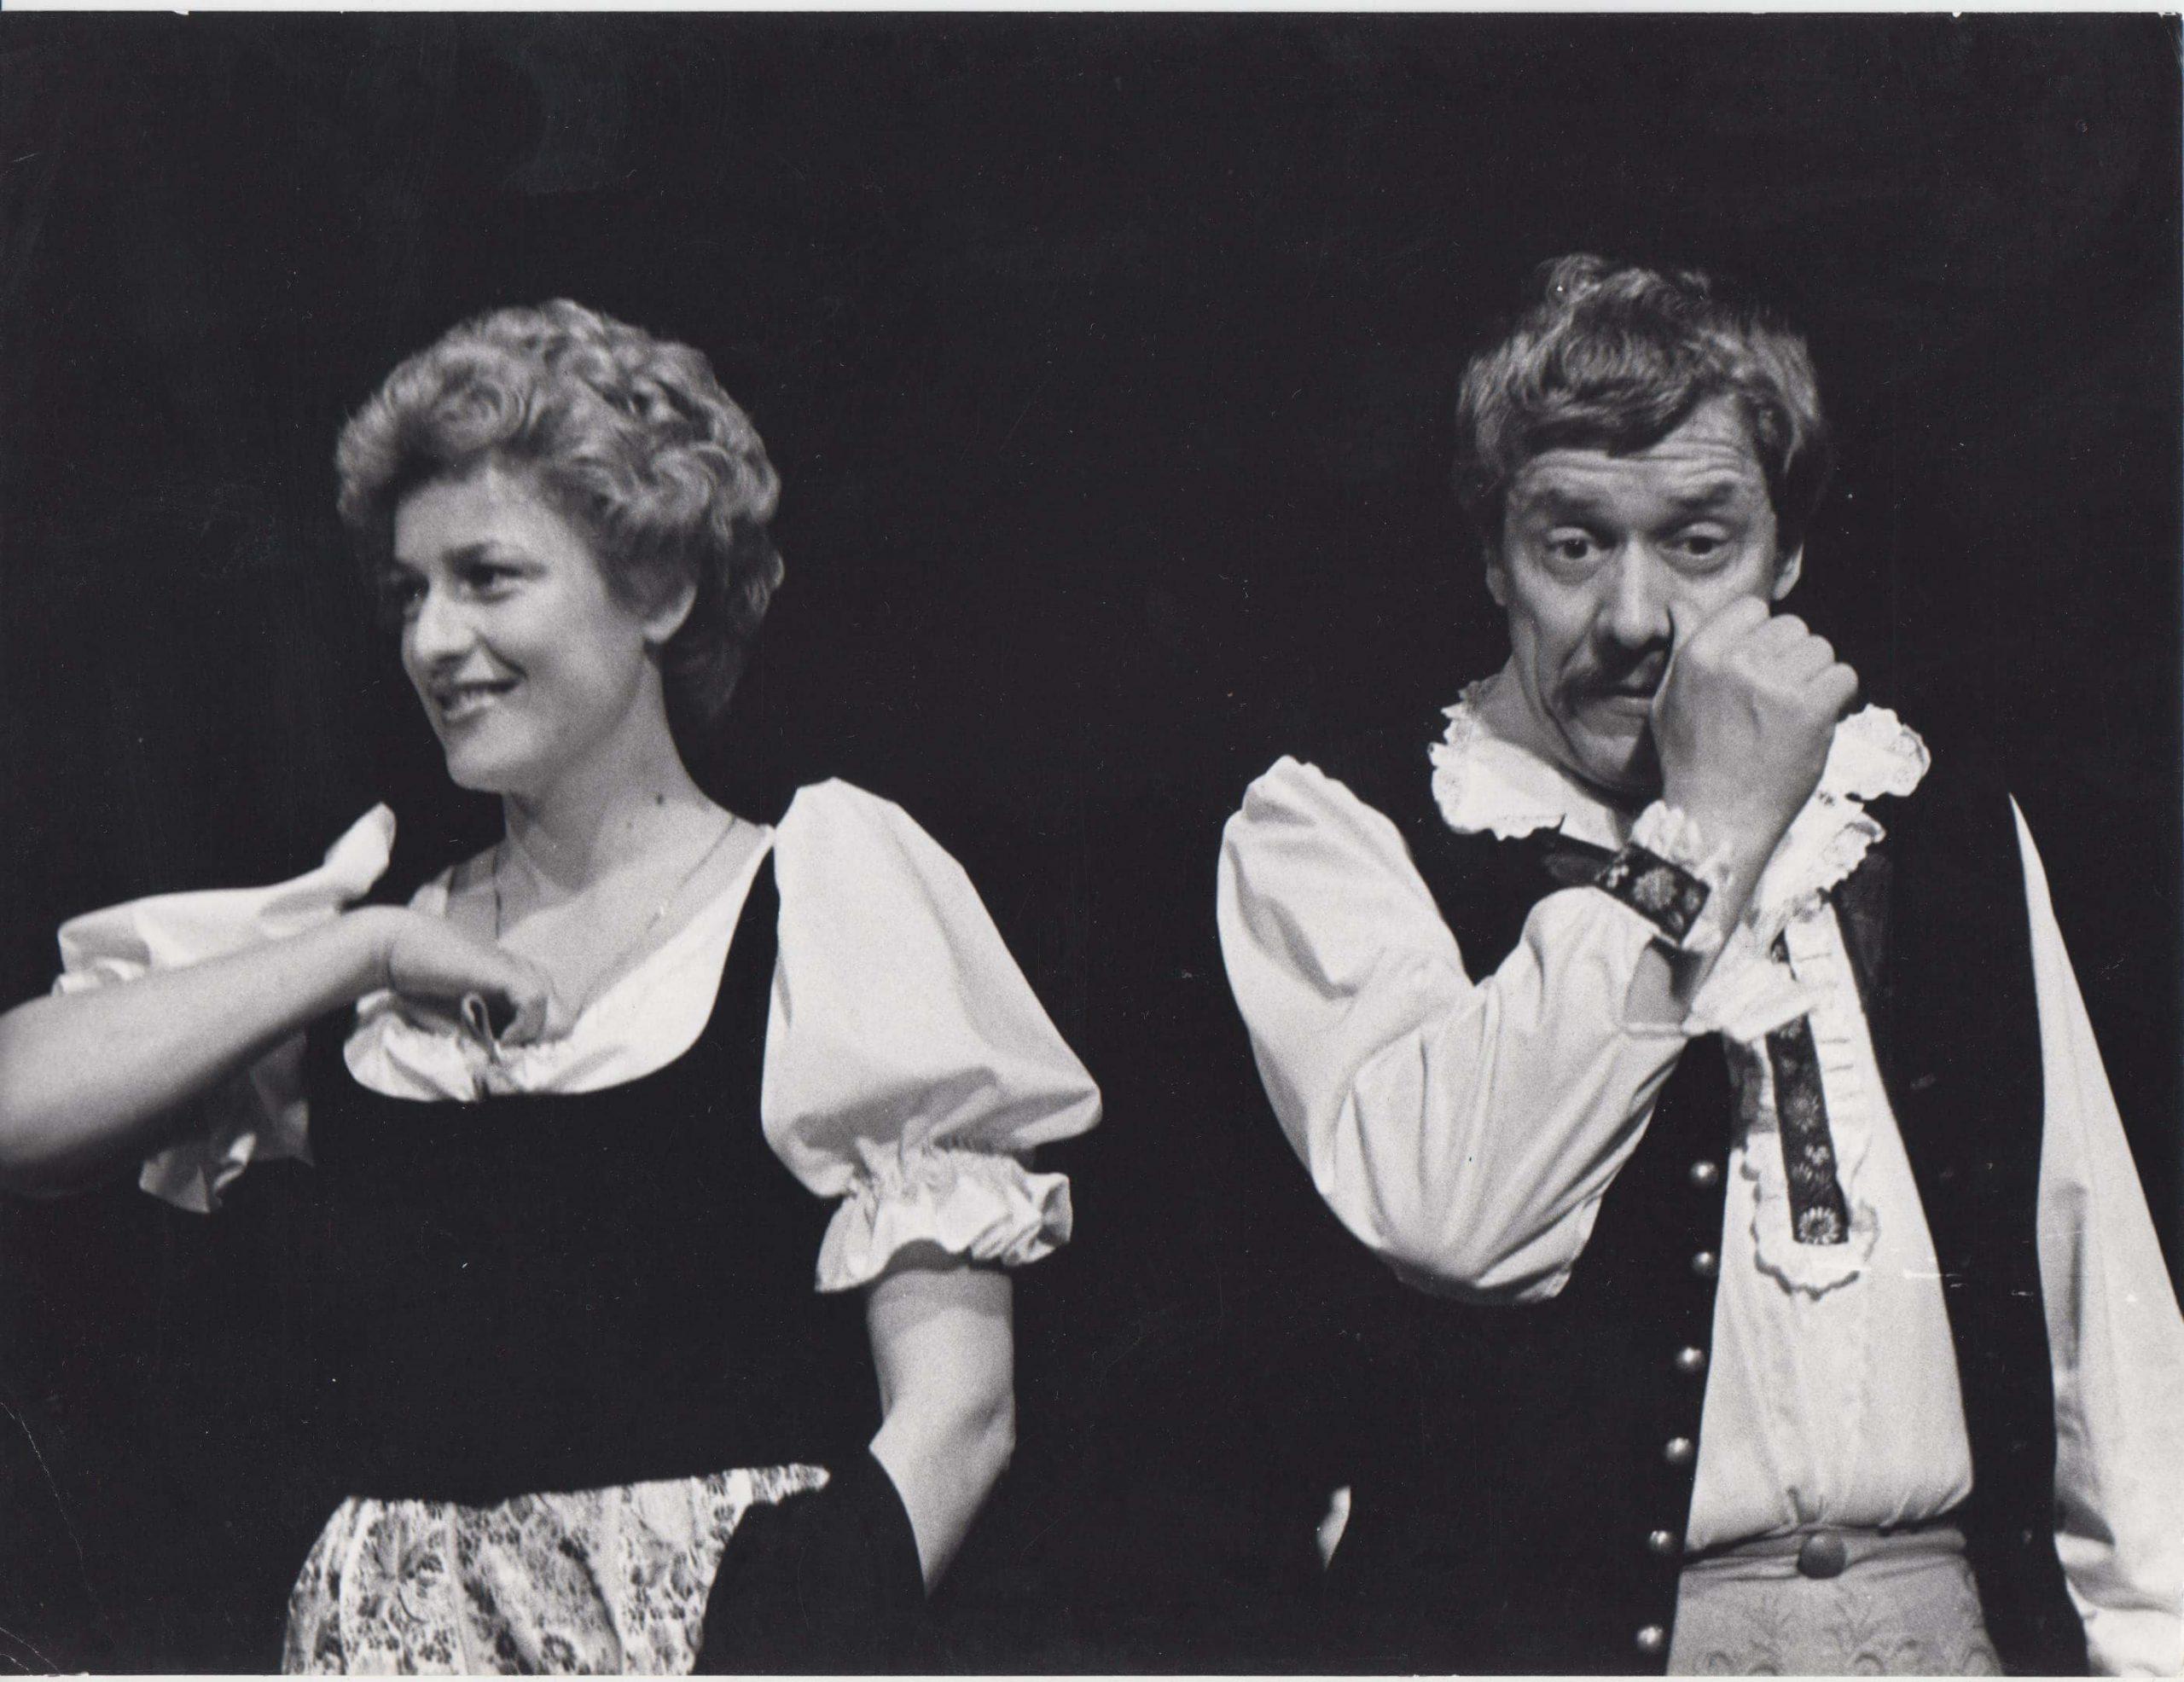 Beáta Drotárová ako Margitka s Petrom Gažom v inscenácii Naši furianti v roku 1982 – foto: Ondrej Béreš